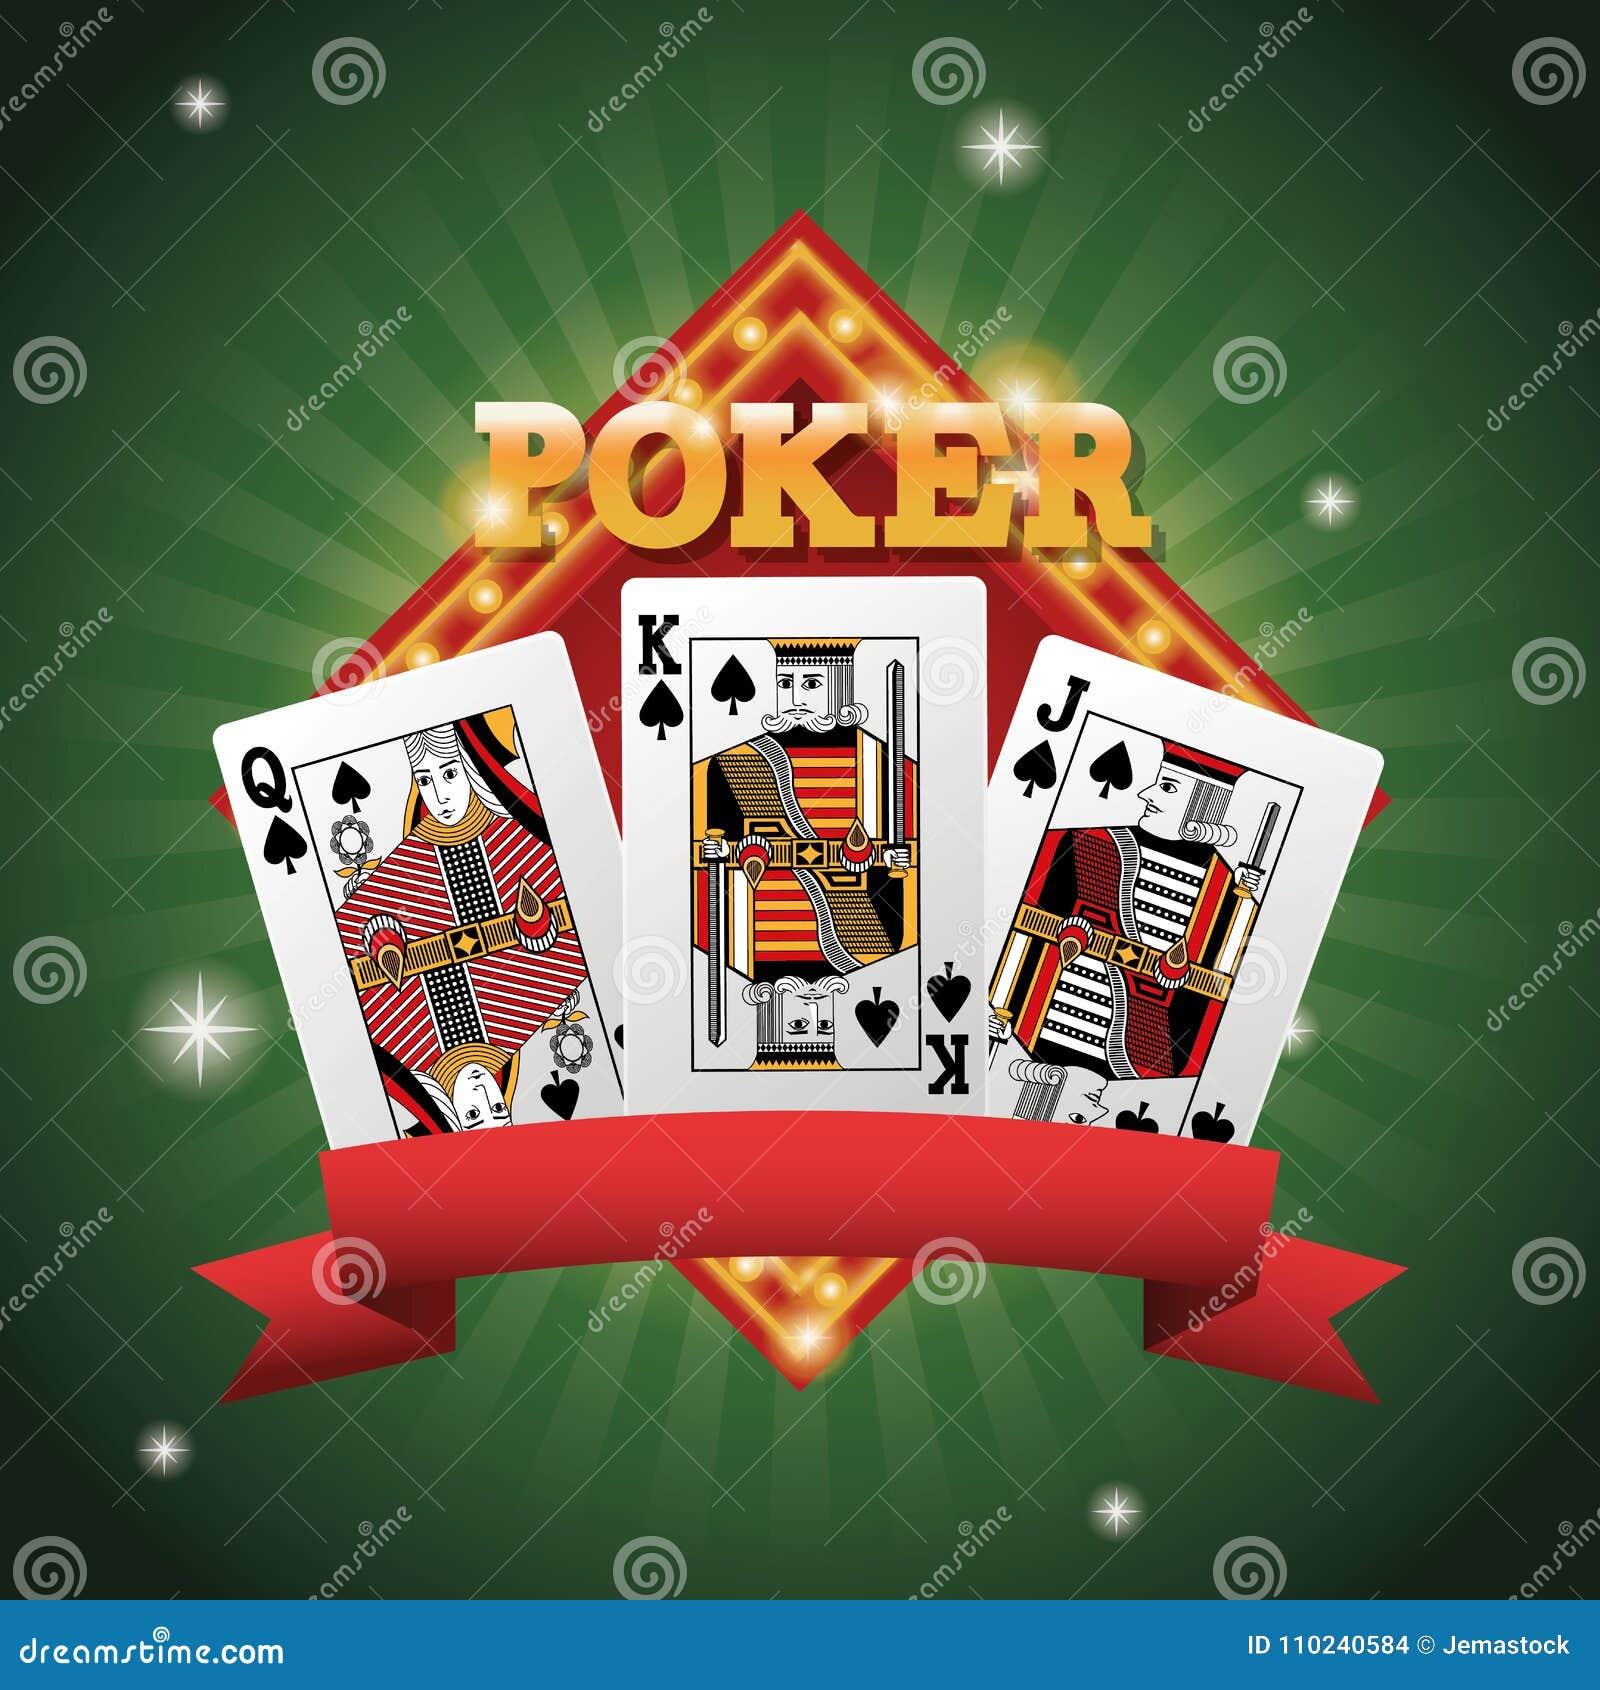 Cards Of Poker Inside Frame Design Stock Vector - Illustration of ...